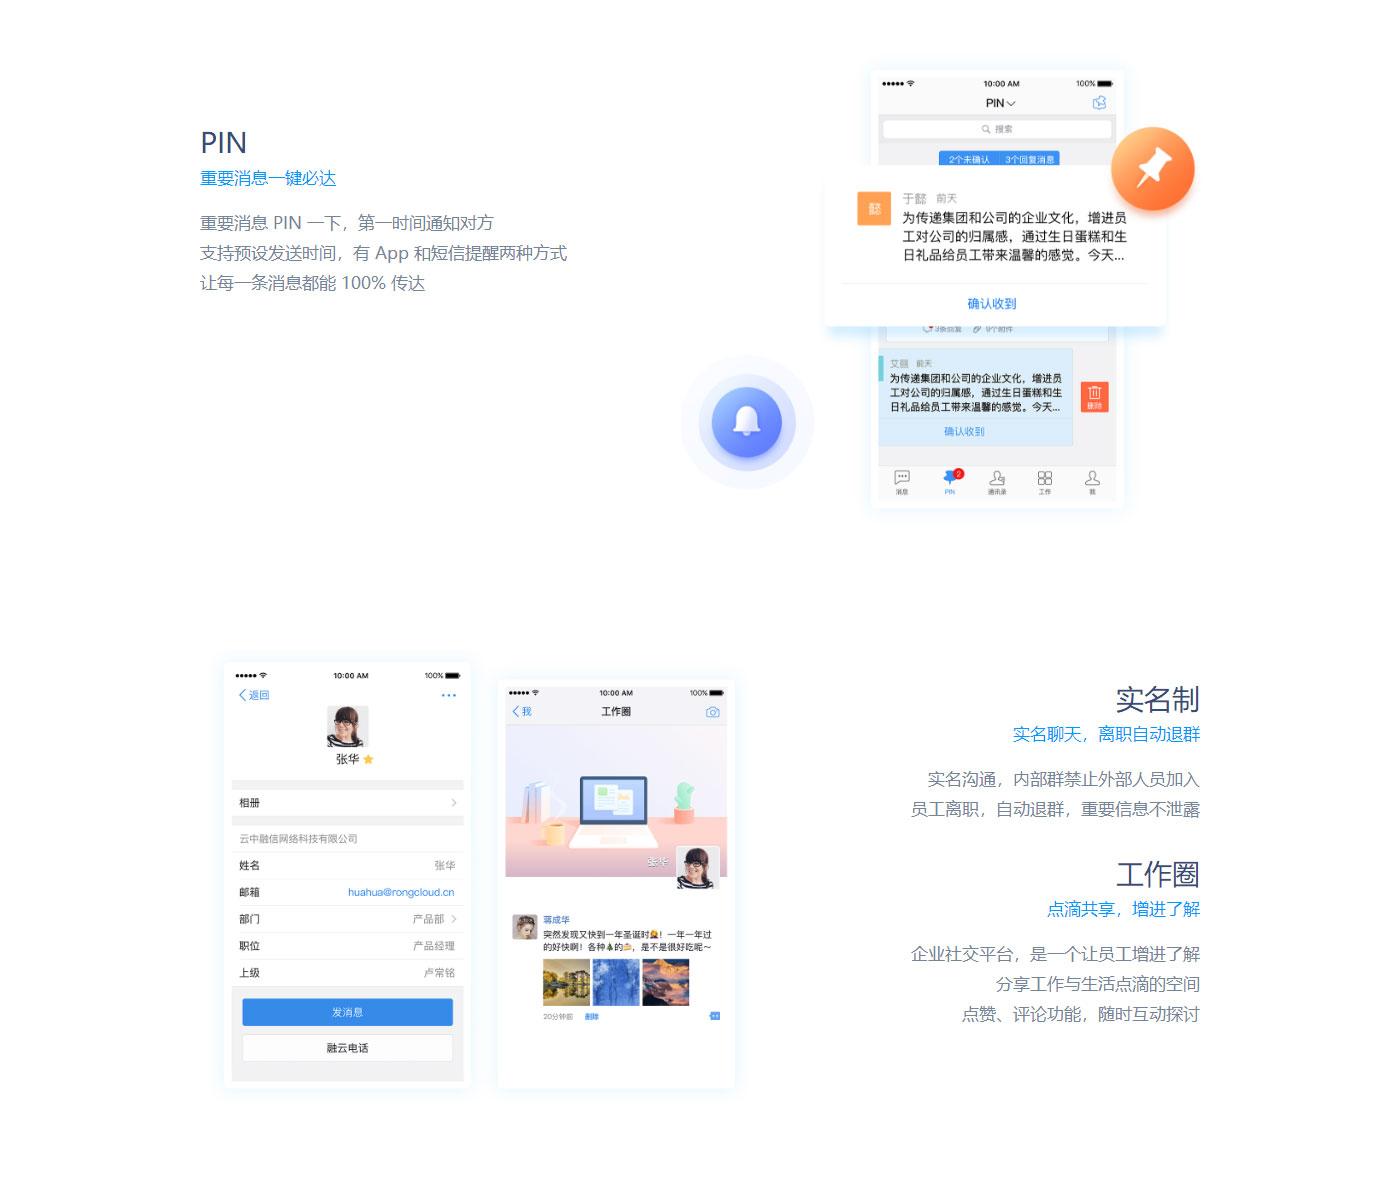 融云企业通信解决方案_03.jpg